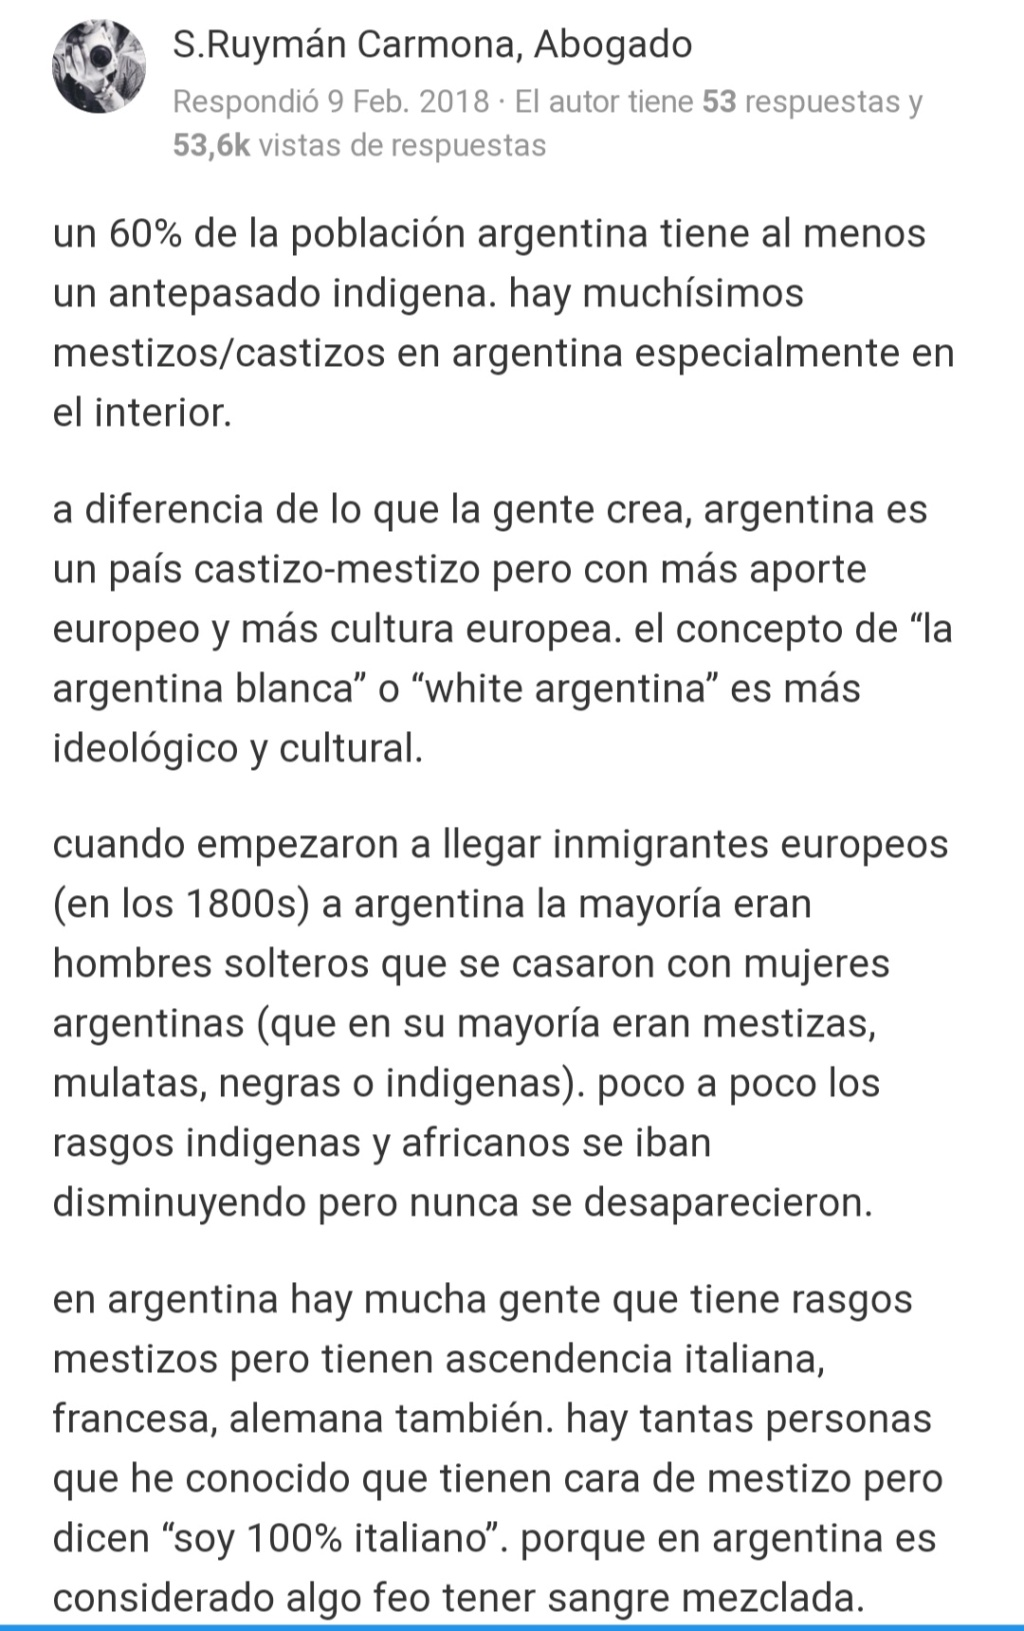 ARGENTINA - Etnografía, cultura y mestizaje - Página 7 Img_1065